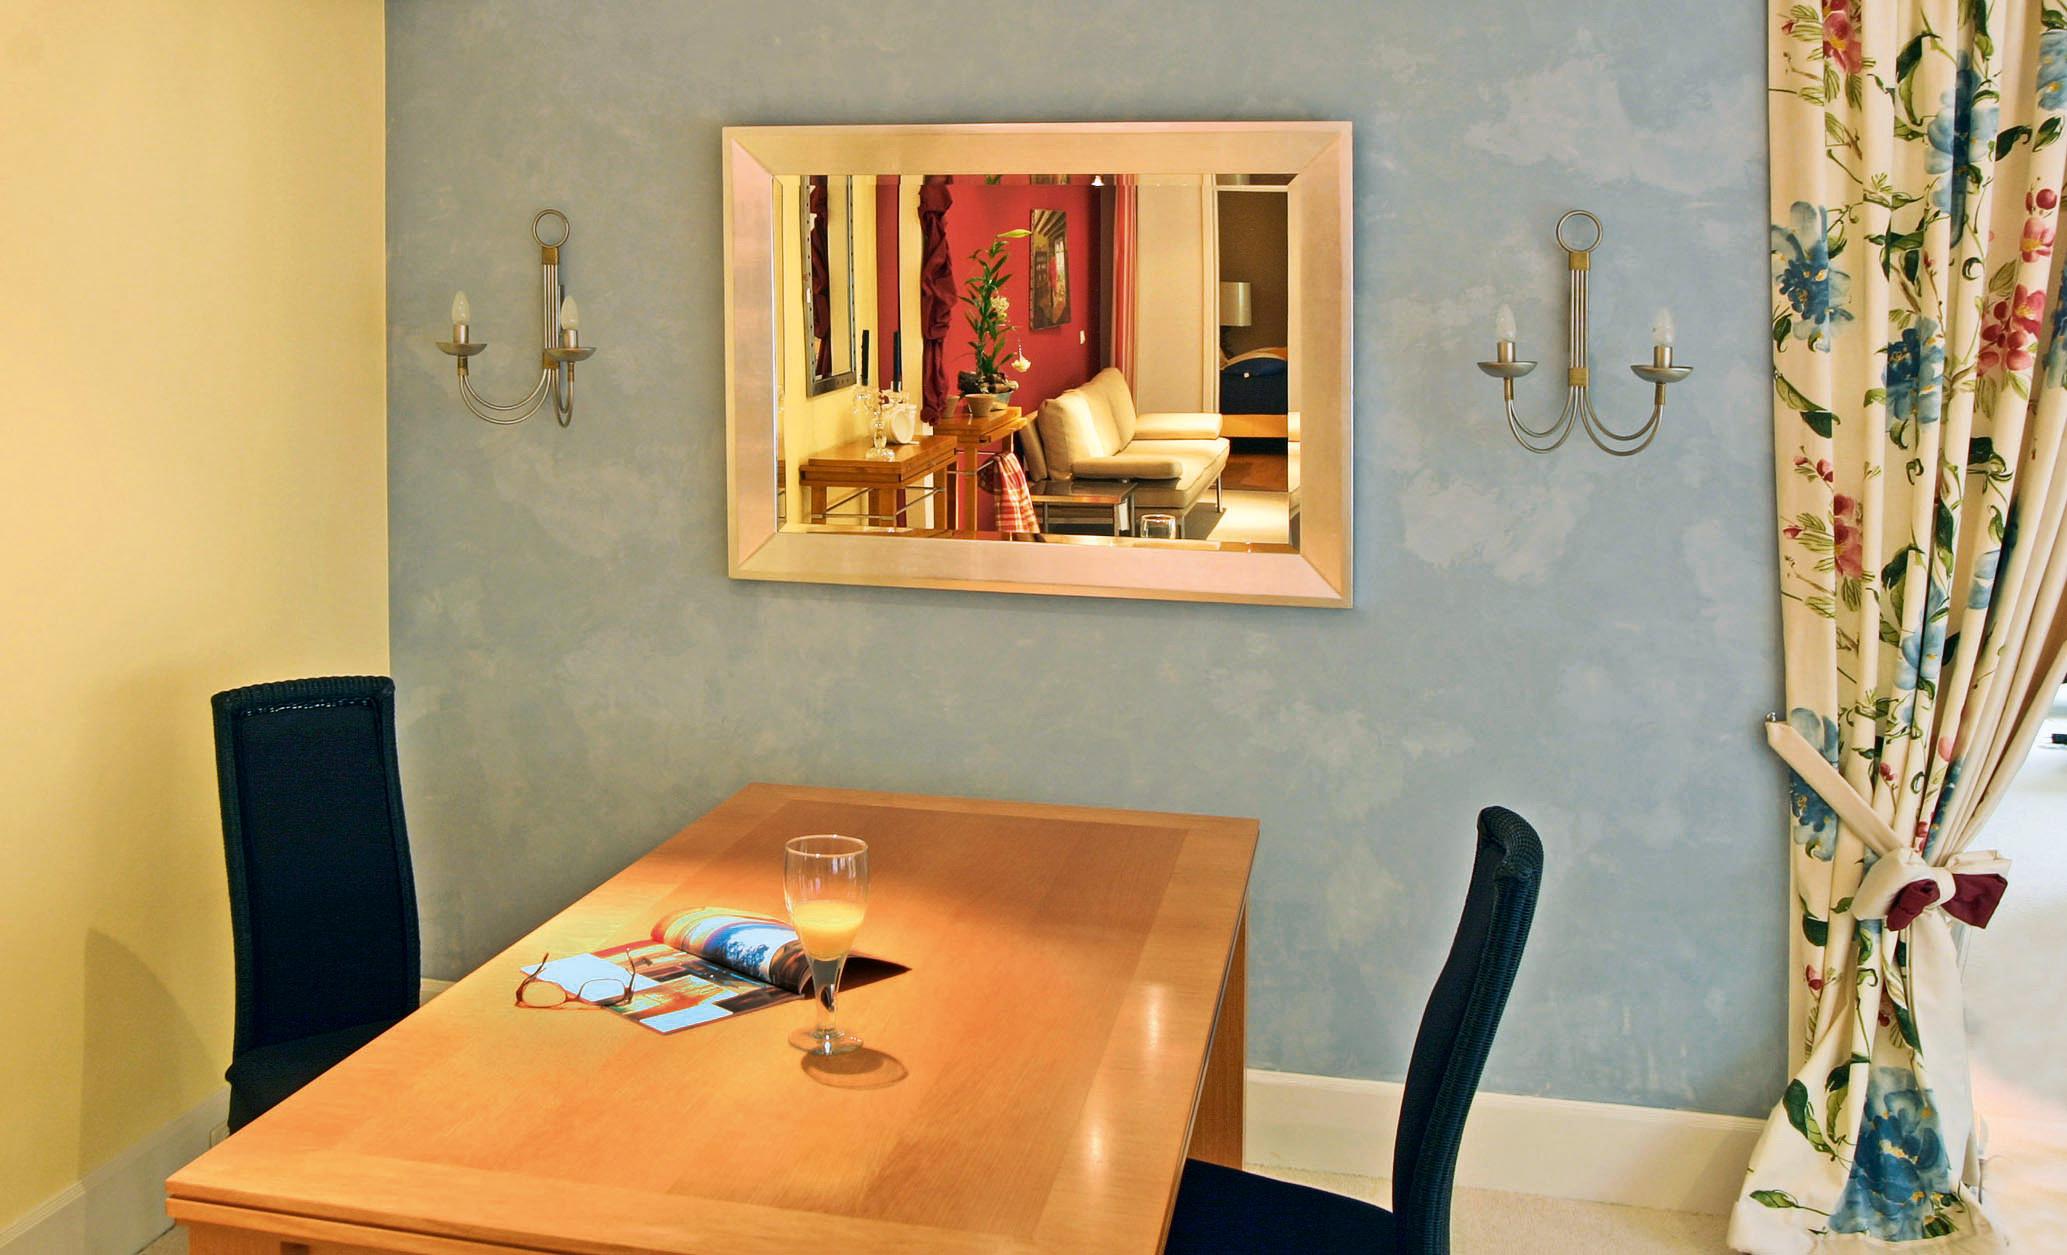 Wohnzimmerz: Wandfarbe Ral With Greige. Perfekter Farbton Zwischen ...